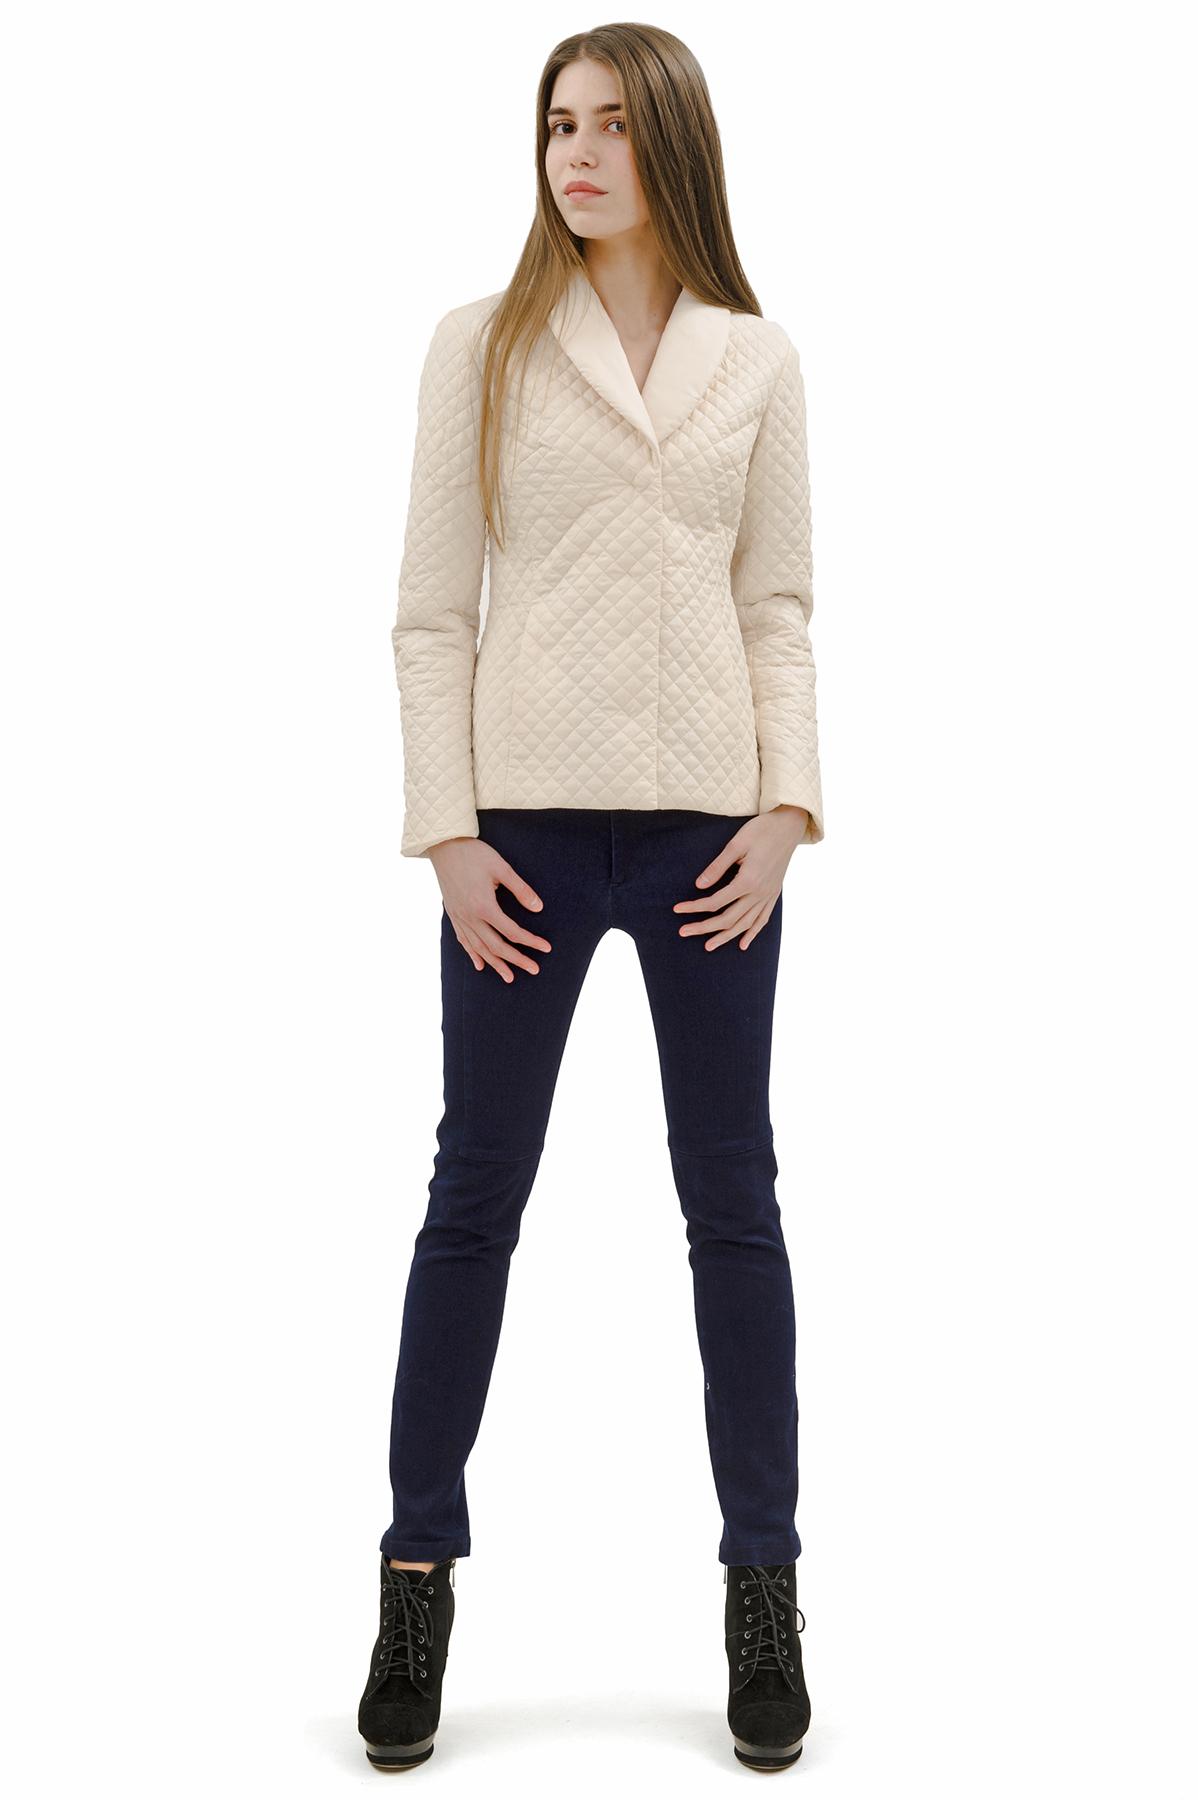 КурткаЖенские куртки, плащи, пальто<br>Стильная модель женской курткиспособна выделить Вас из общей толпы.Комфортный вариант на каждый день.<br><br>Цвет: молочный<br>Состав: 100% полиэстер<br>Размер: 40,52<br>Страна дизайна: Россия<br>Страна производства: Россия